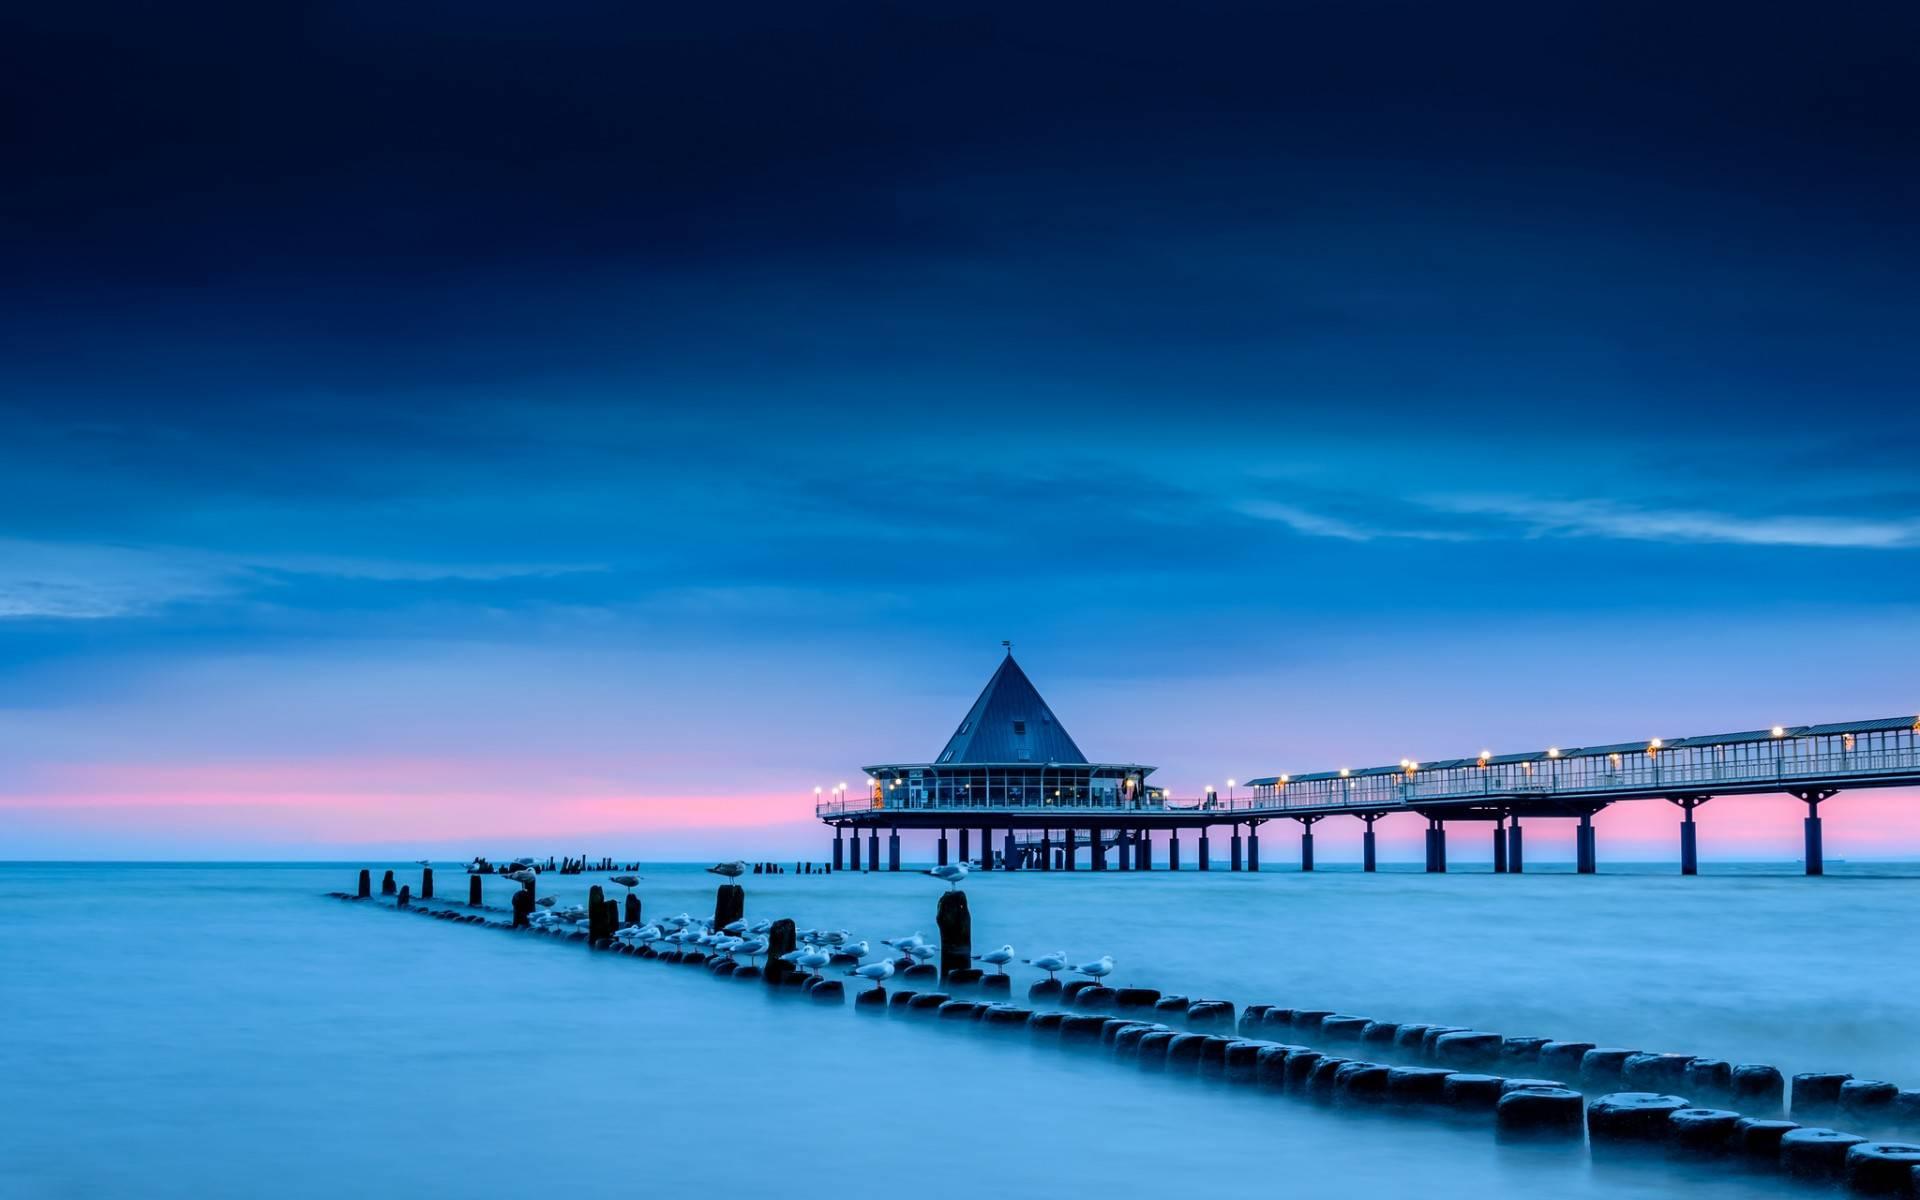 причал фонари берег море pier lights shore sea  № 2555047  скачать